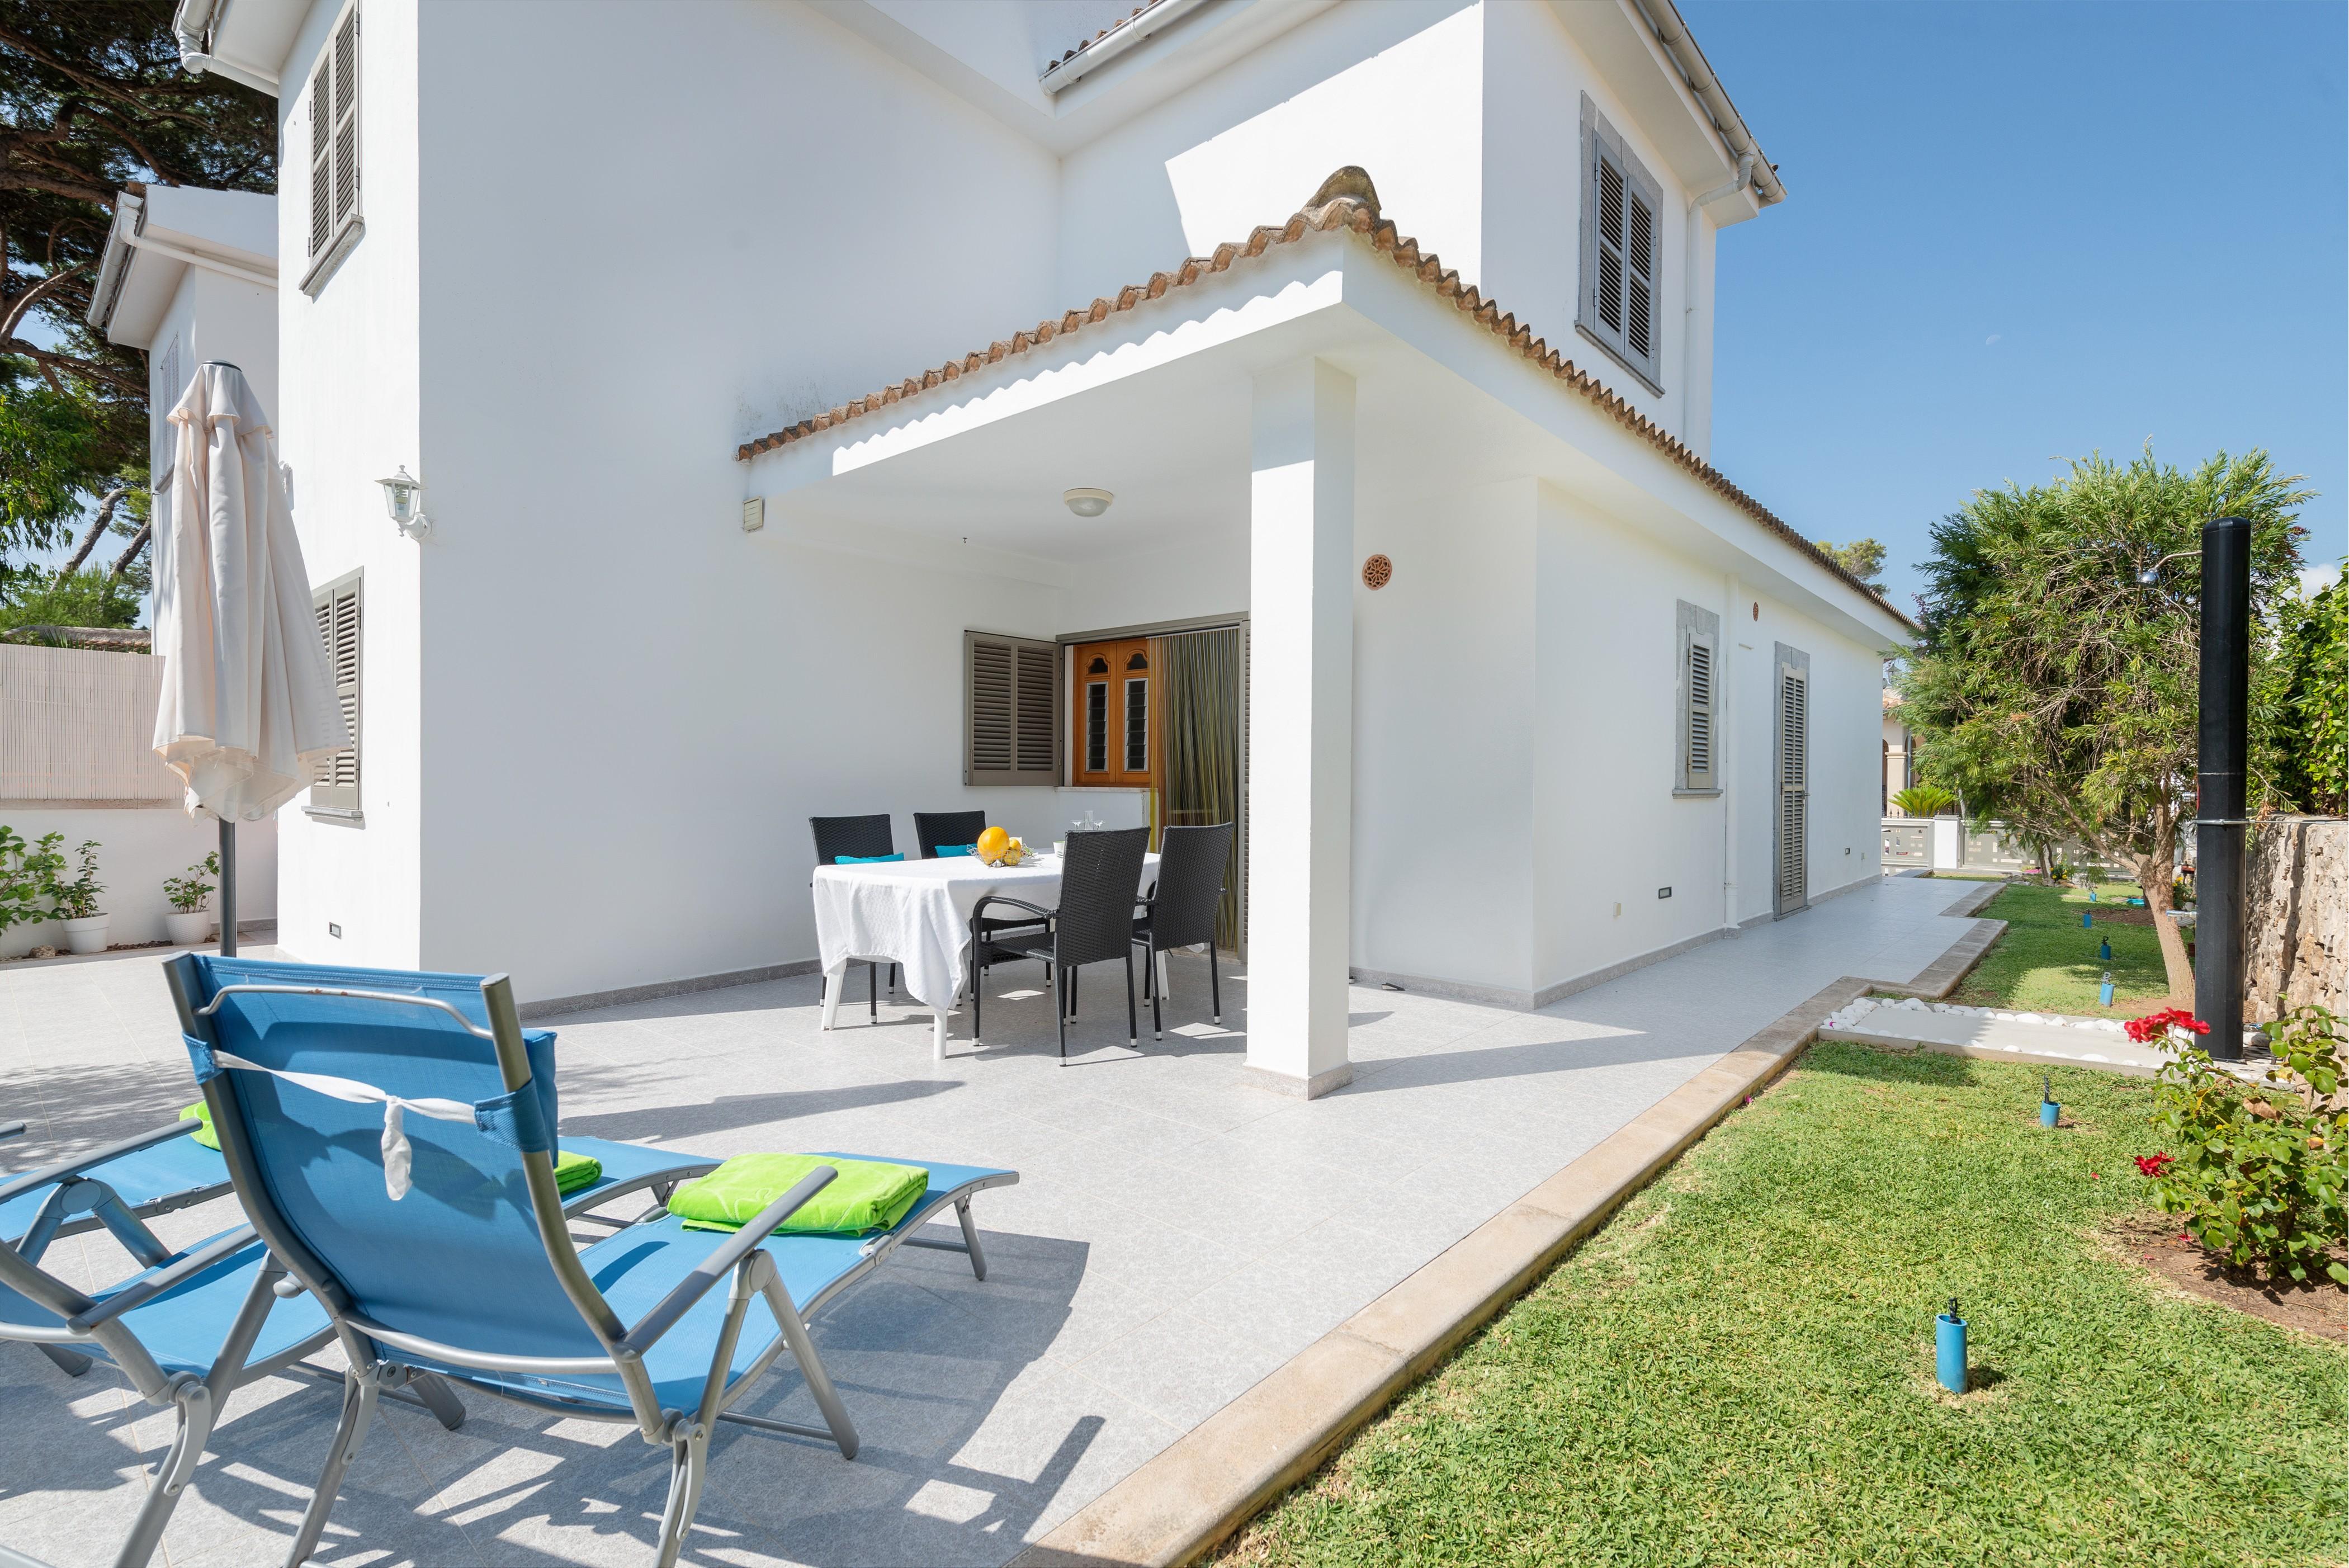 Ferienhaus VILLA ISABEL (1871702), Platja de Muro, Mallorca, Balearische Inseln, Spanien, Bild 1